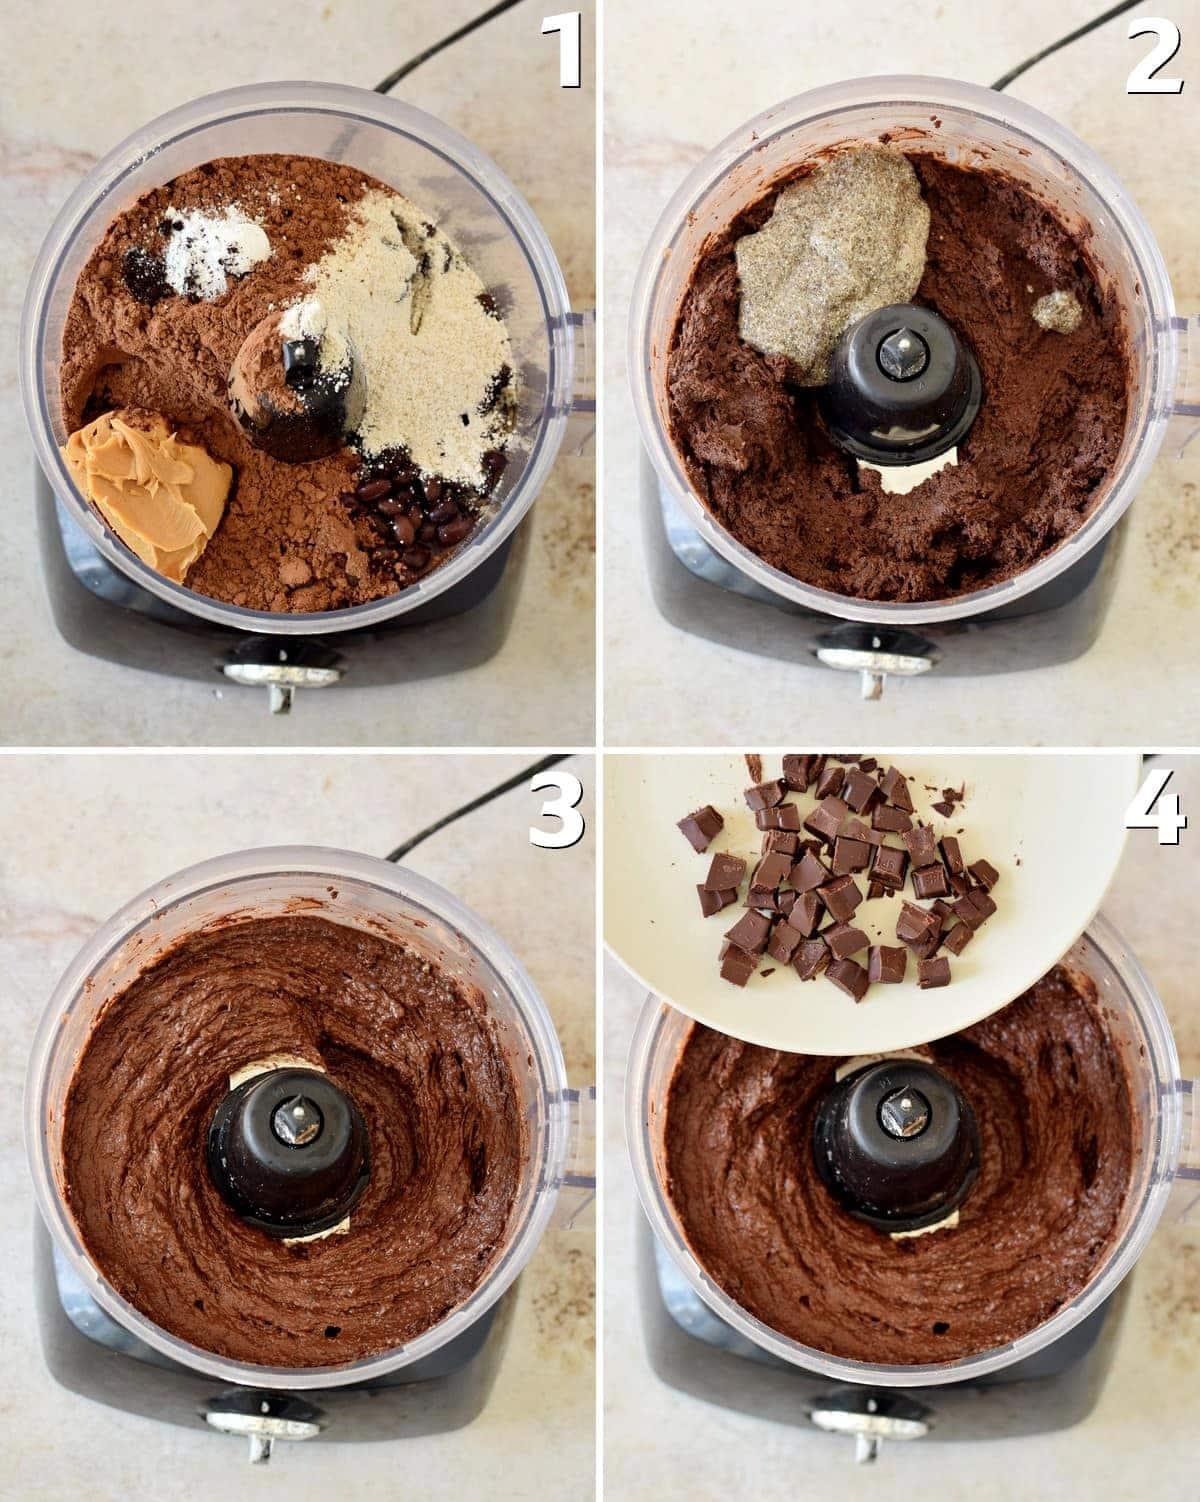 4 Schritt-für-Schritt-Fotos von der Verarbeitung von Brownie-Teig in einer Küchenmaschine